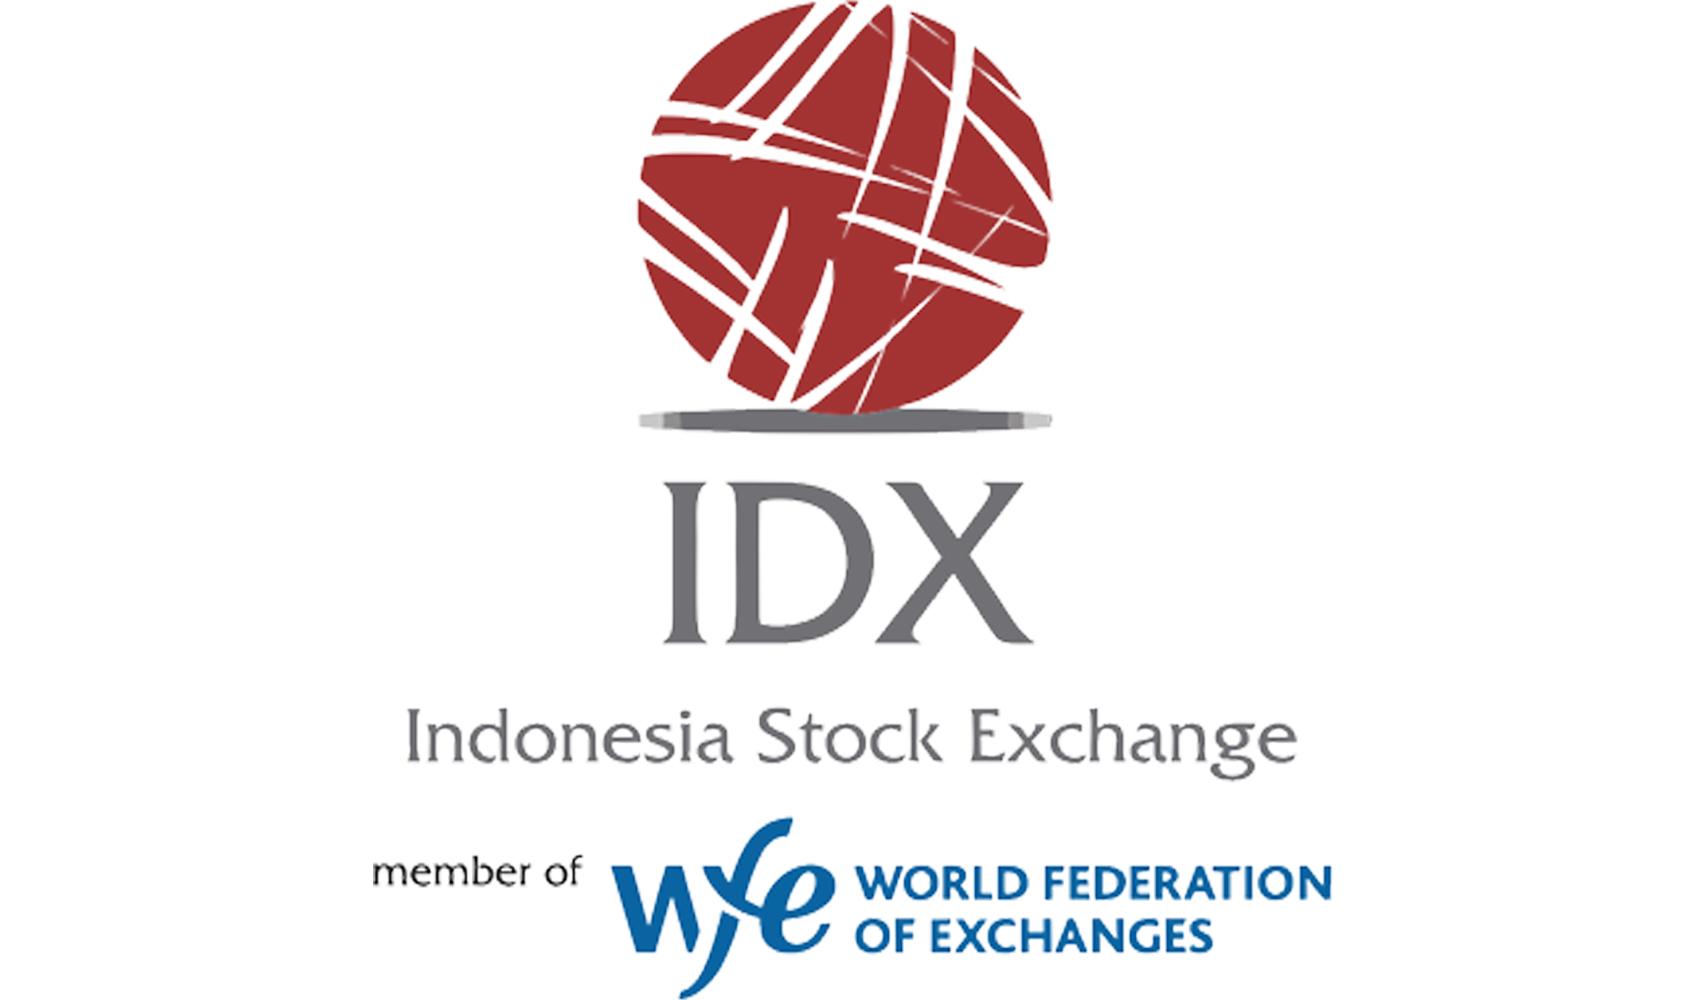 idx laporan keuangan